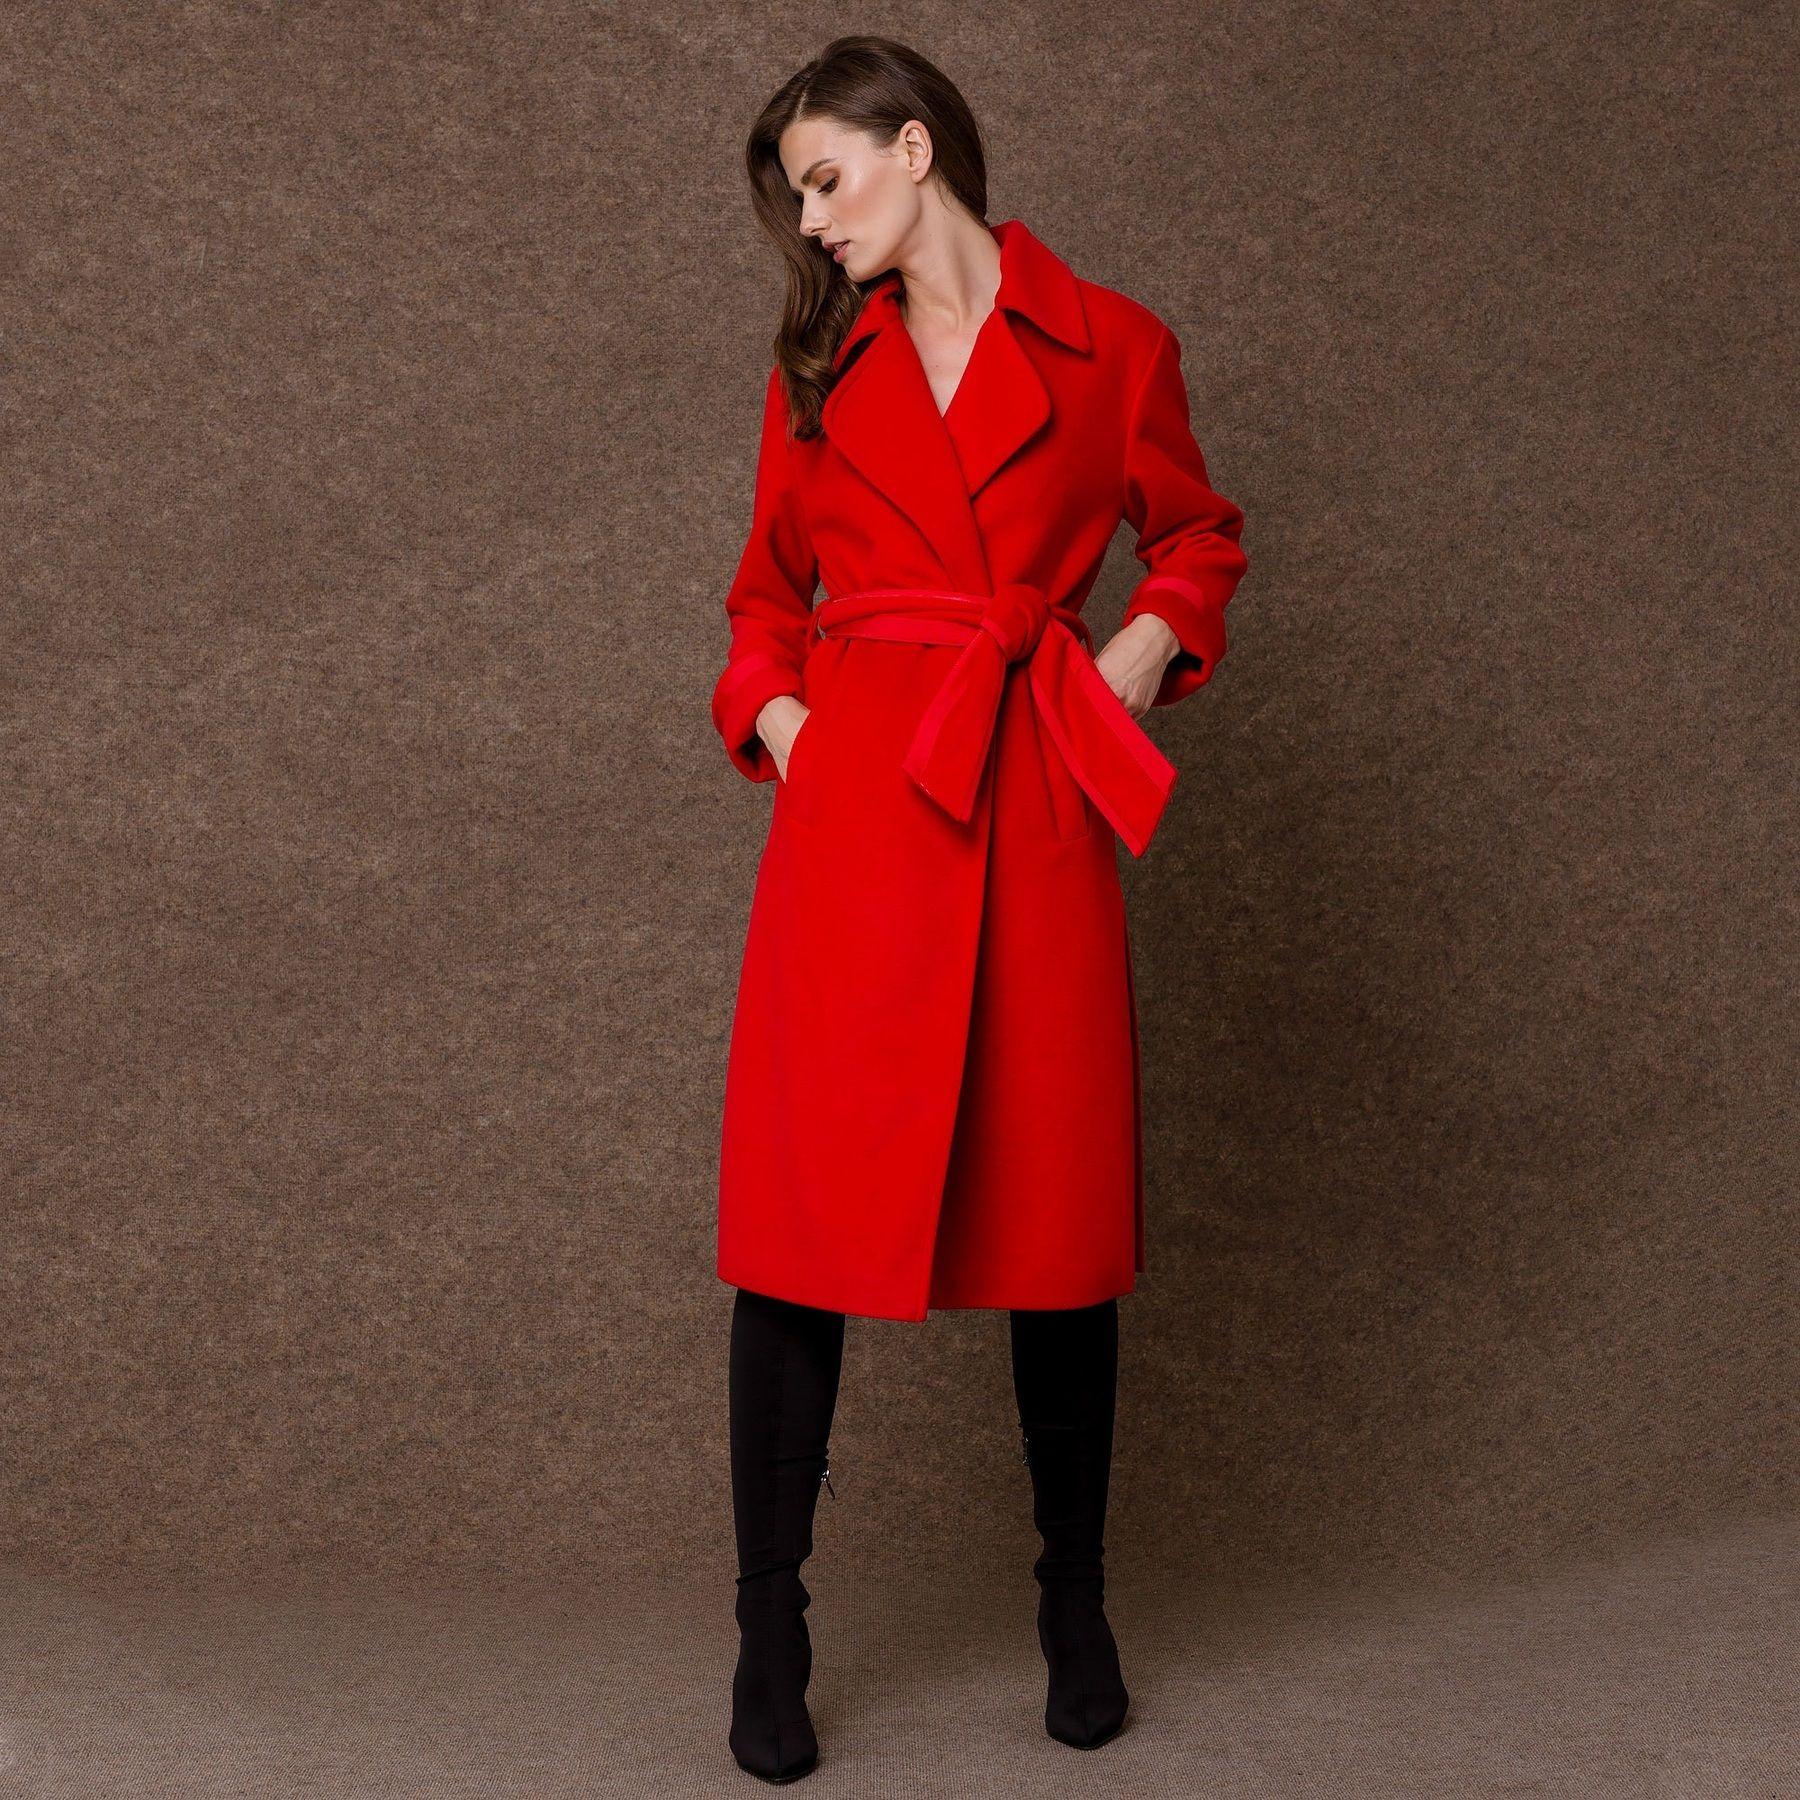 Παλτό μακρύ μανίκια γκρο - Access Fashion  2fc53d7b5e4